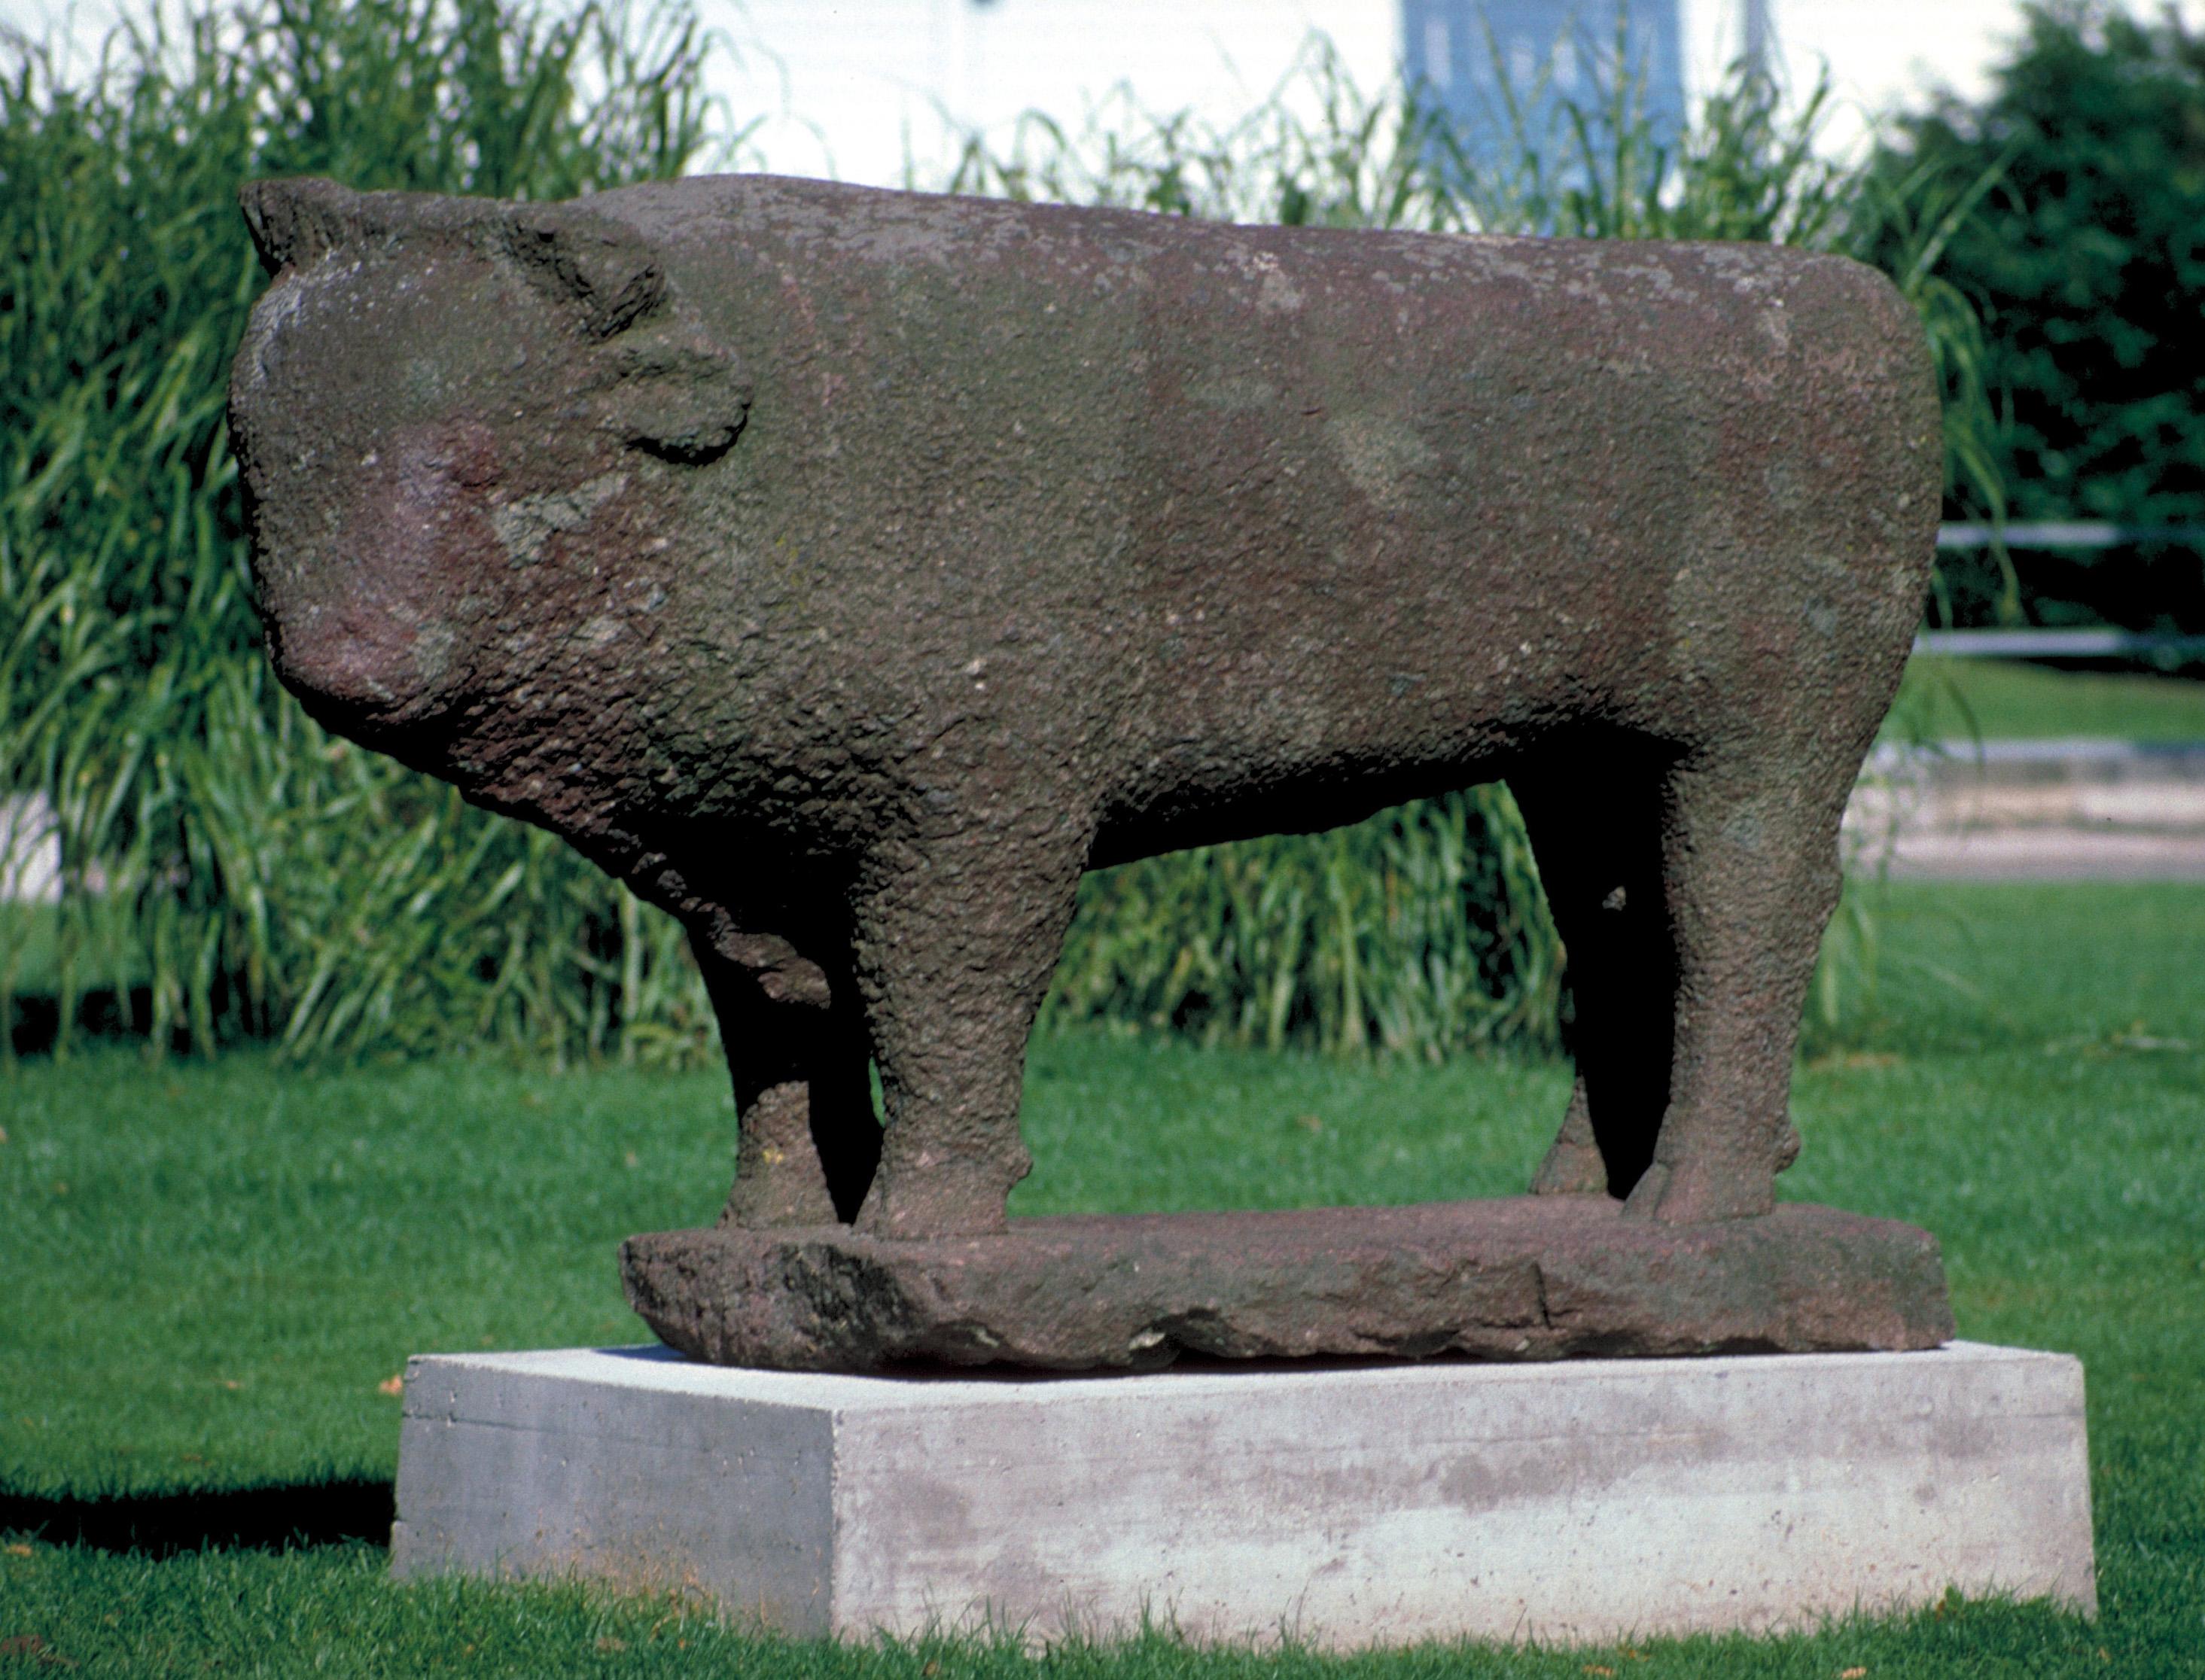 Une grande sculpture en pierre repose sur un piédestal dans une prairie. Il a la forme d'un taureau.